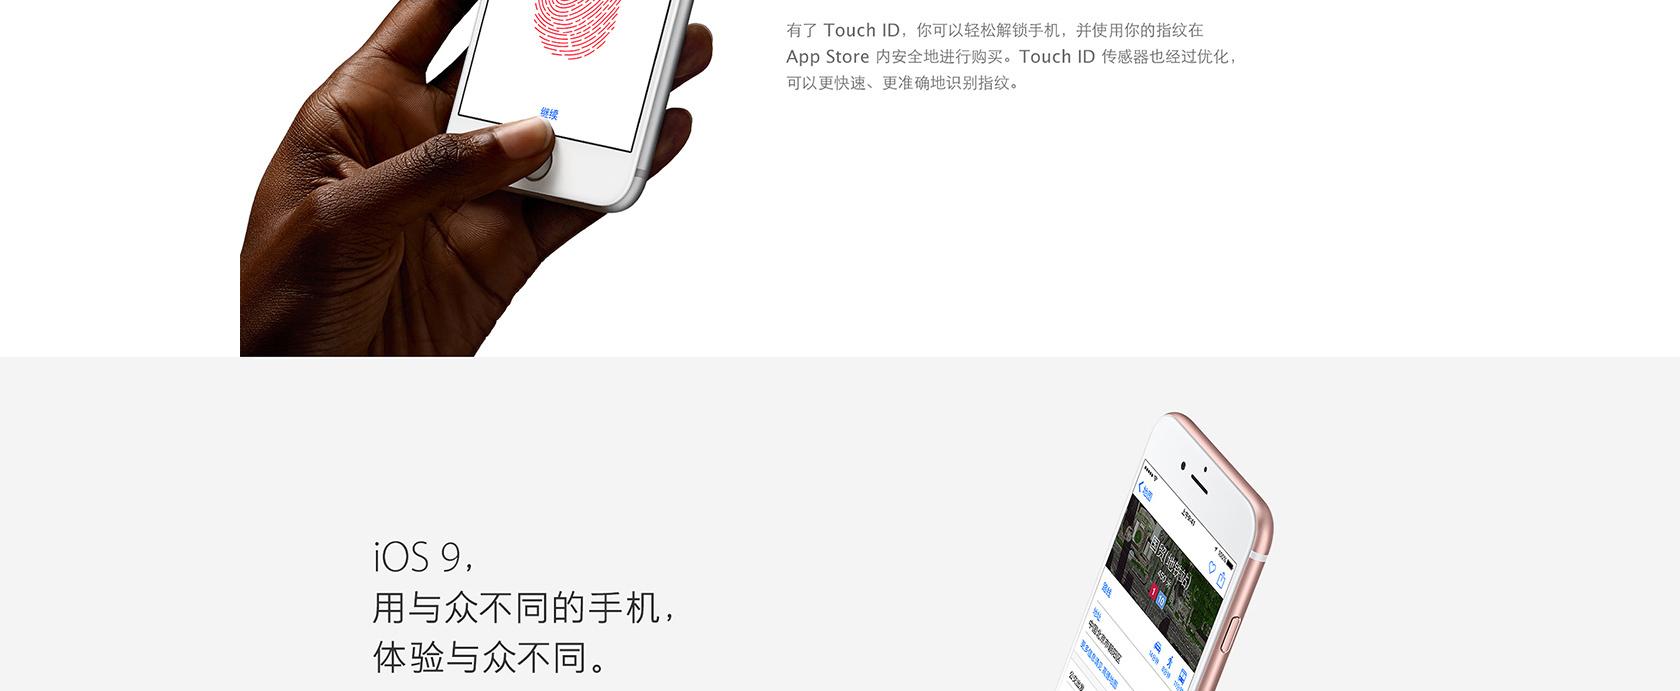 北京电信iPhone 6s正式开售